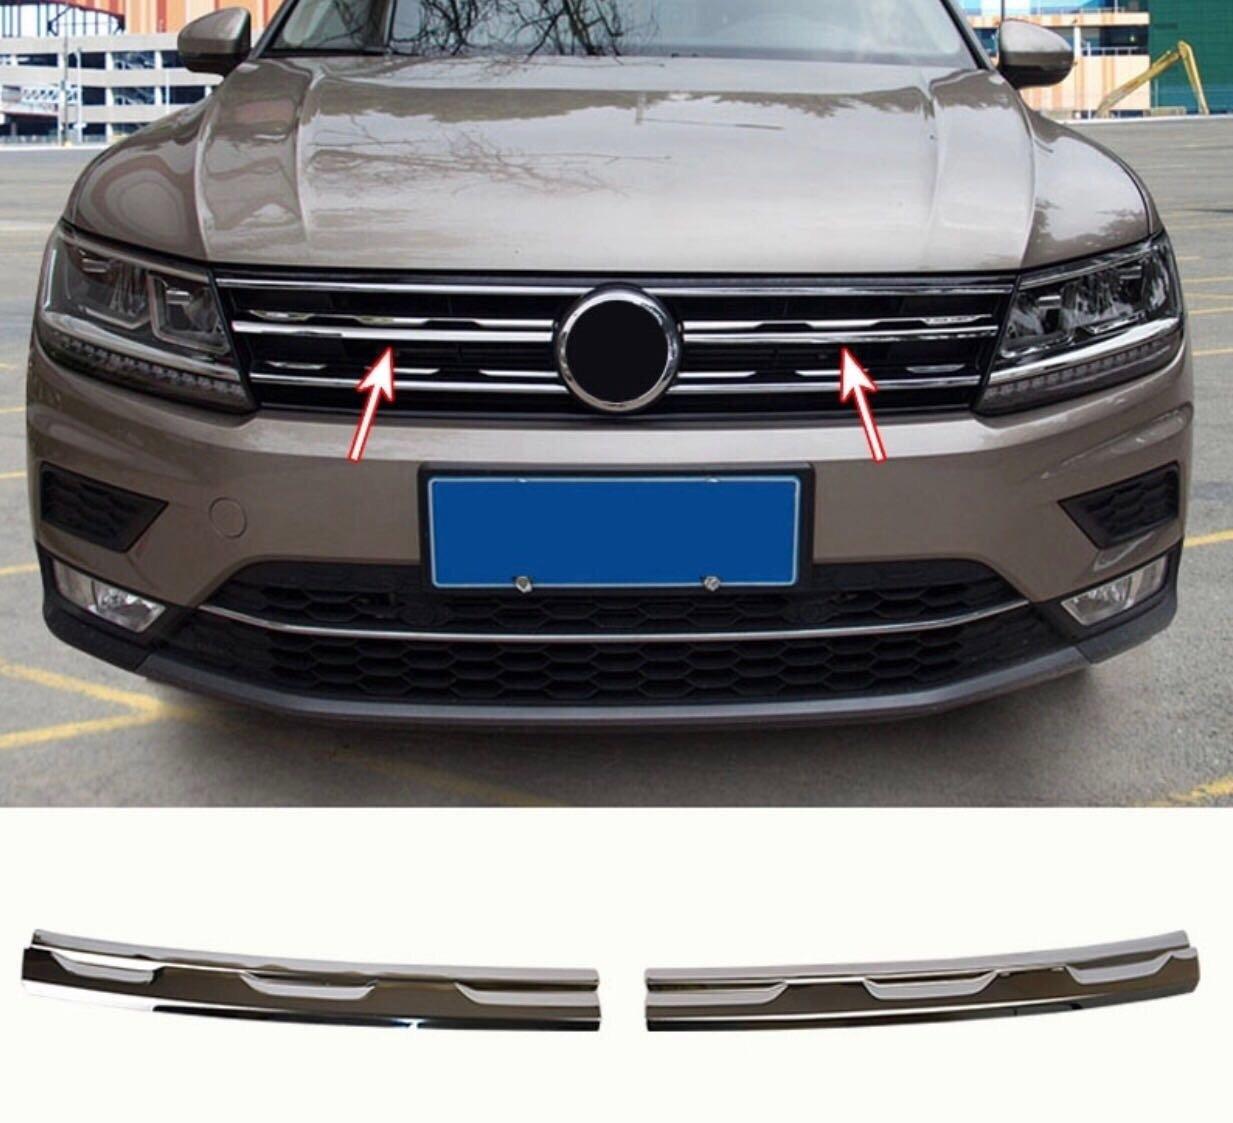 Emblema Trading - Listelli per griglia anteriore in acciaio inox cromato KK L.L.C